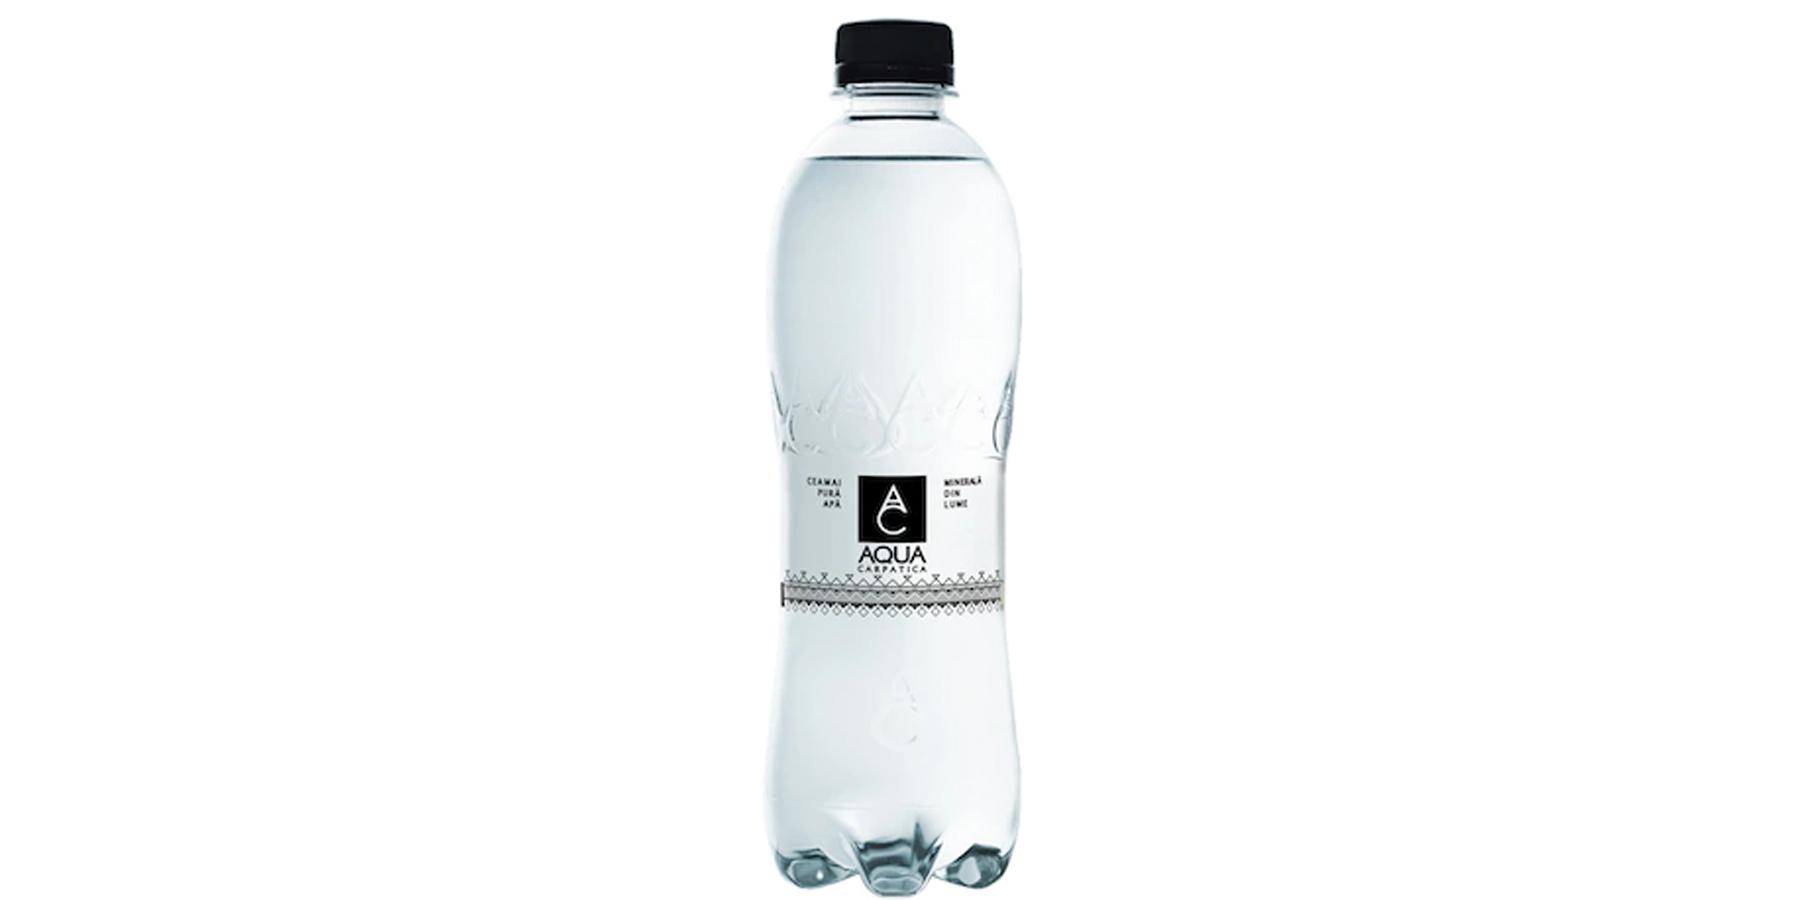 Aqua carpatica minerala